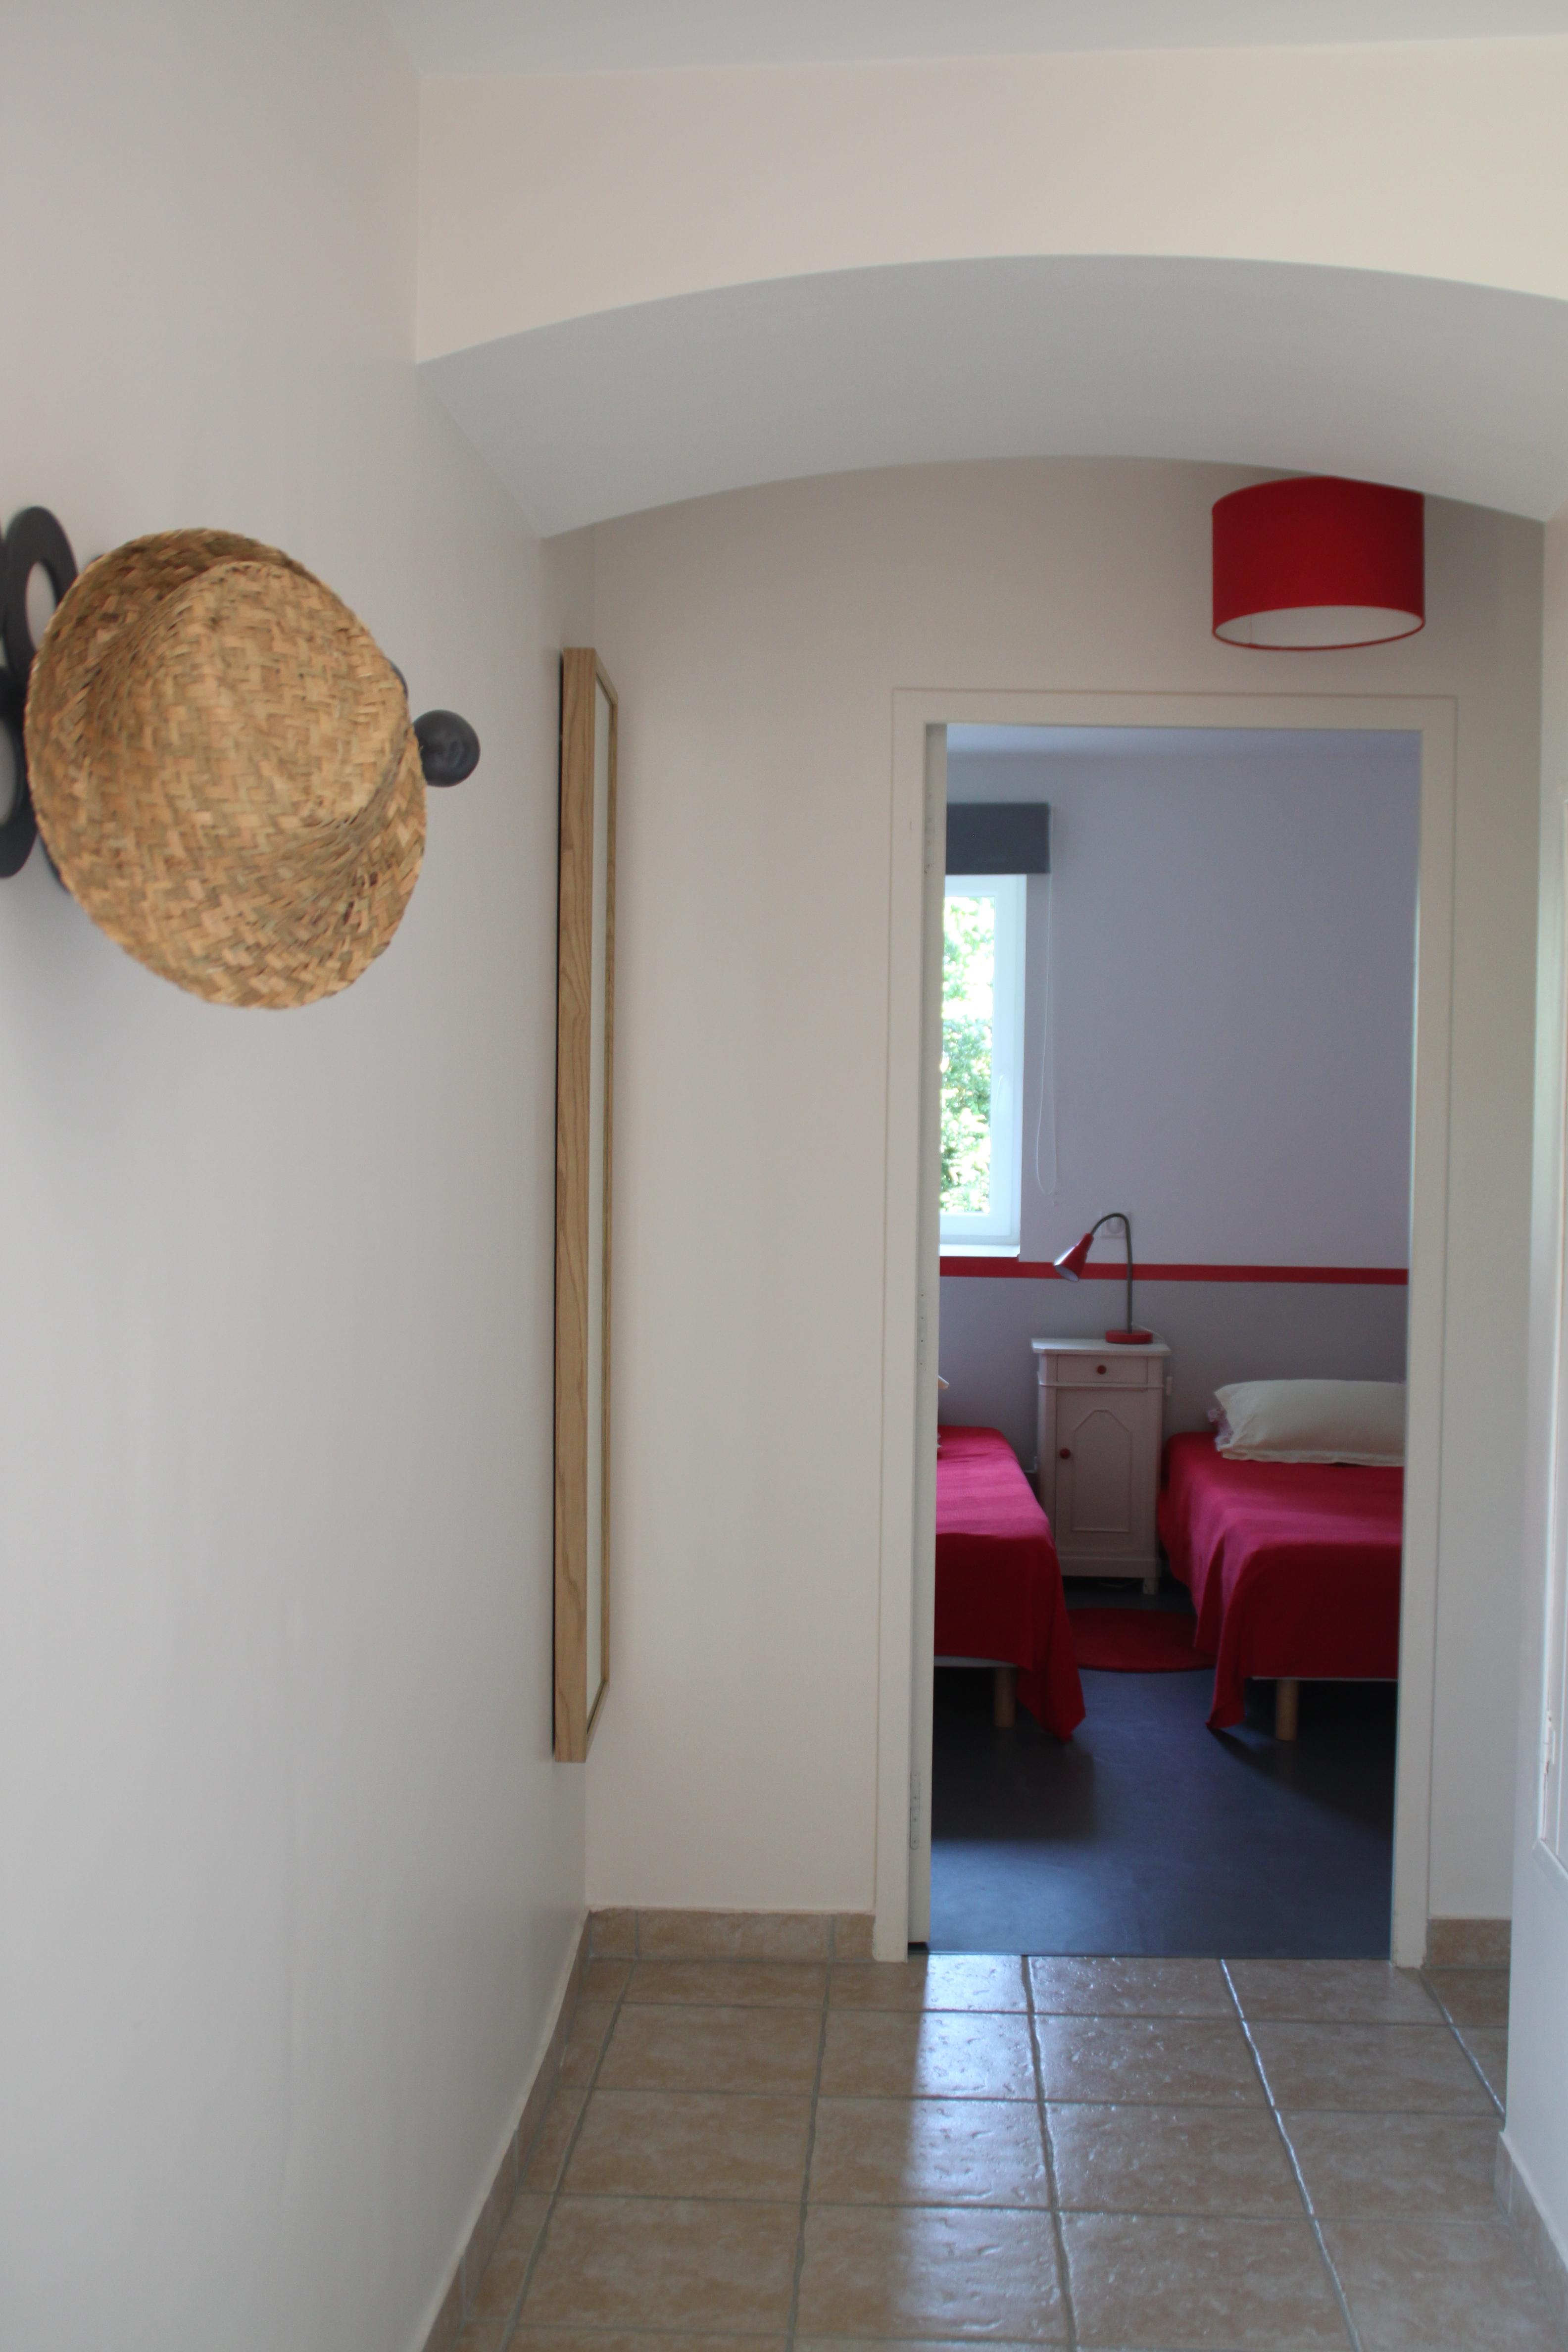 le couloir menant à 2 des 3 chambres